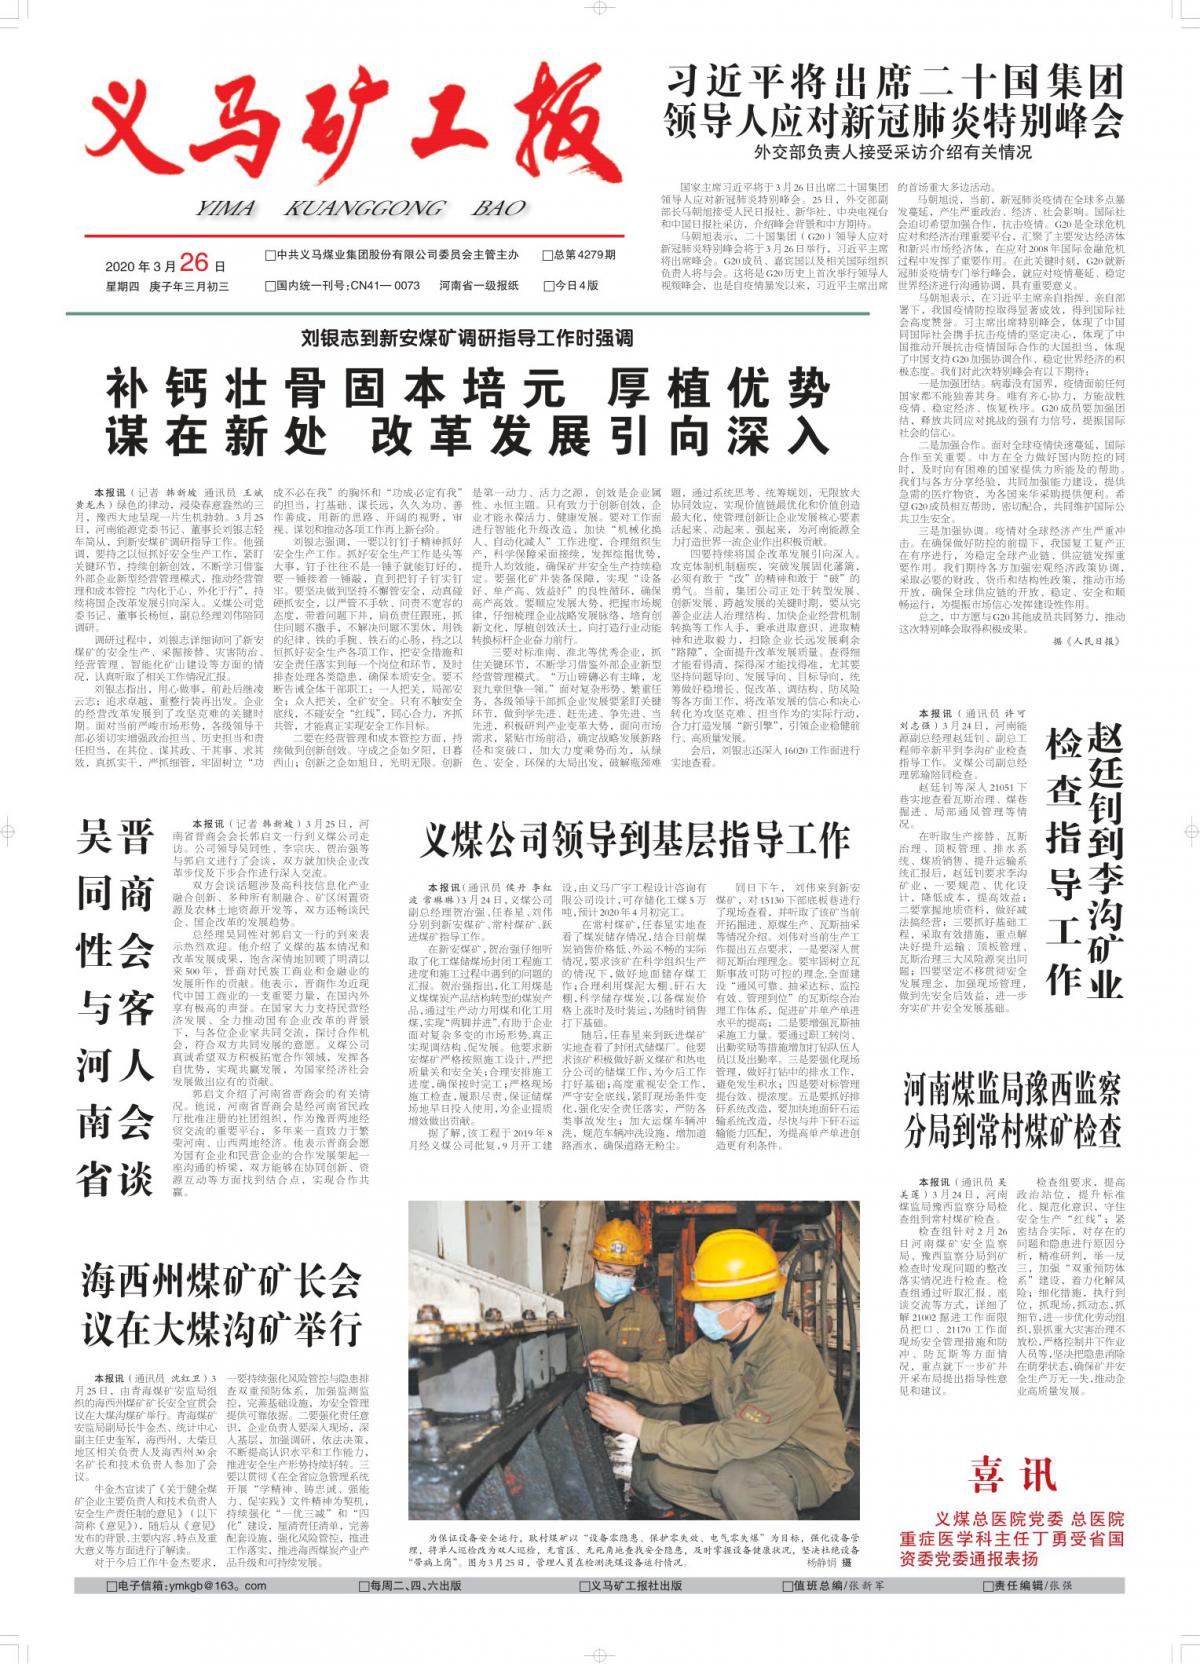 义马煤业集团有限责任公司